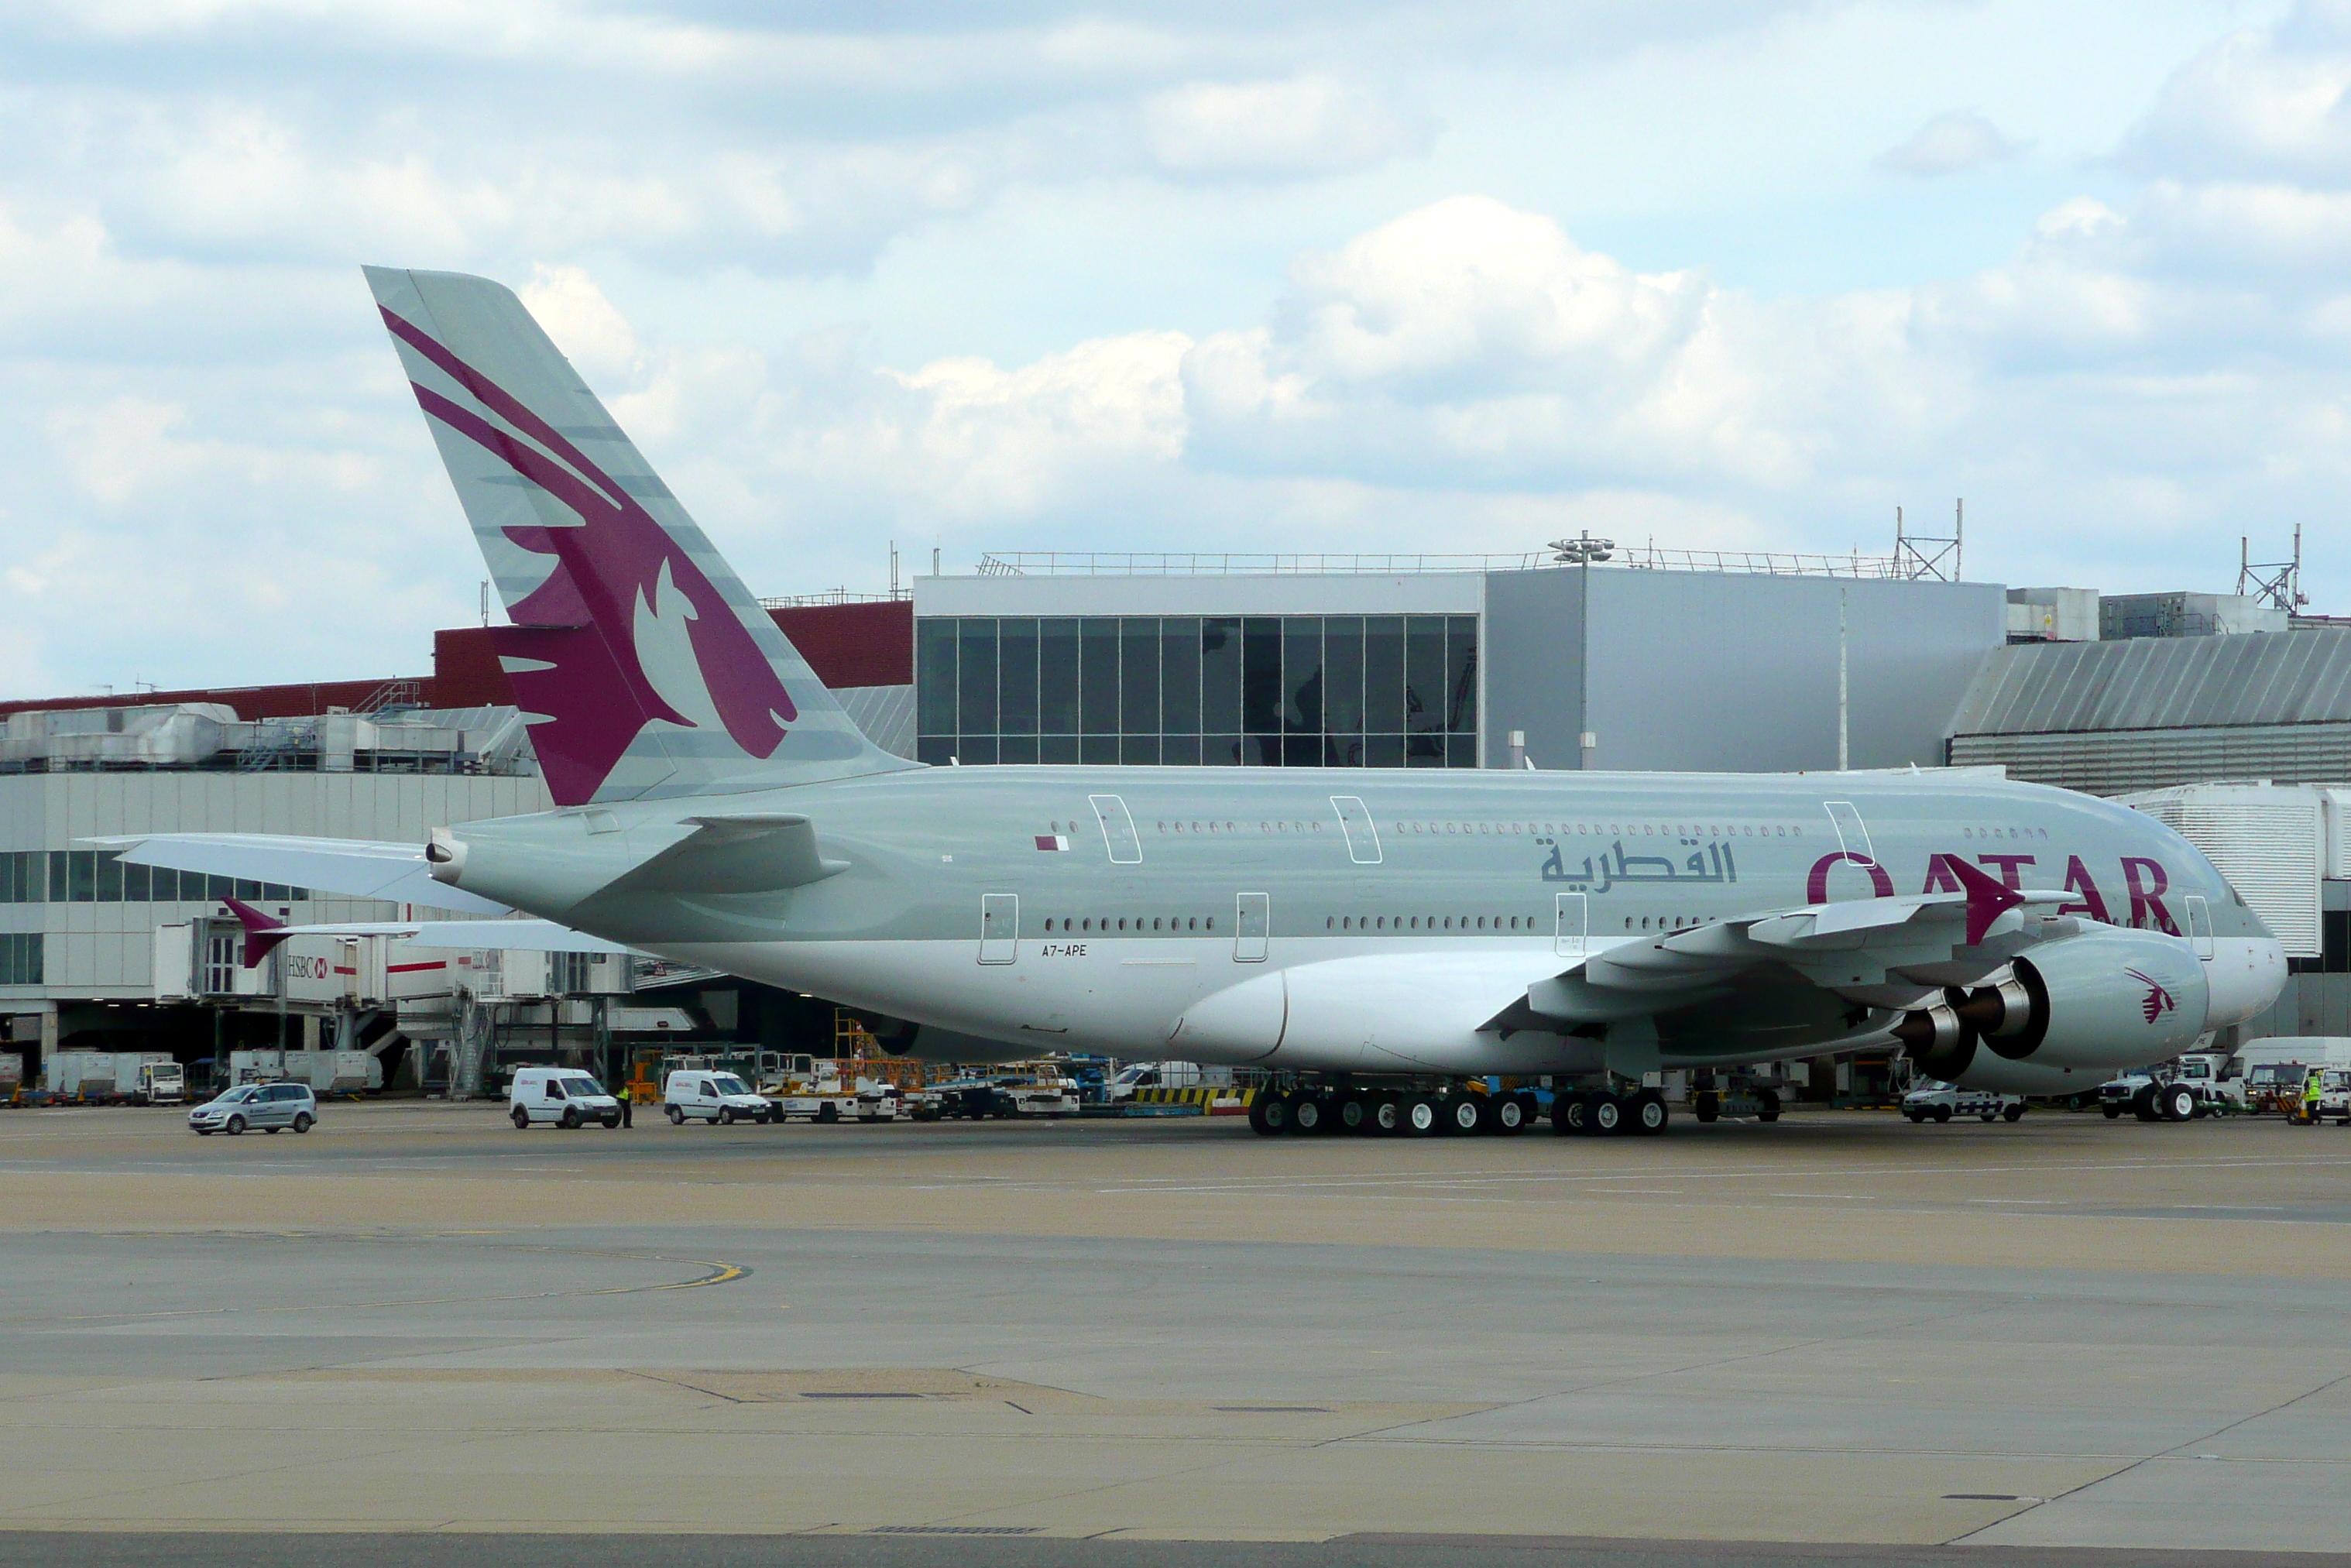 fileqatar airways airbus a380800 a7ape lhr